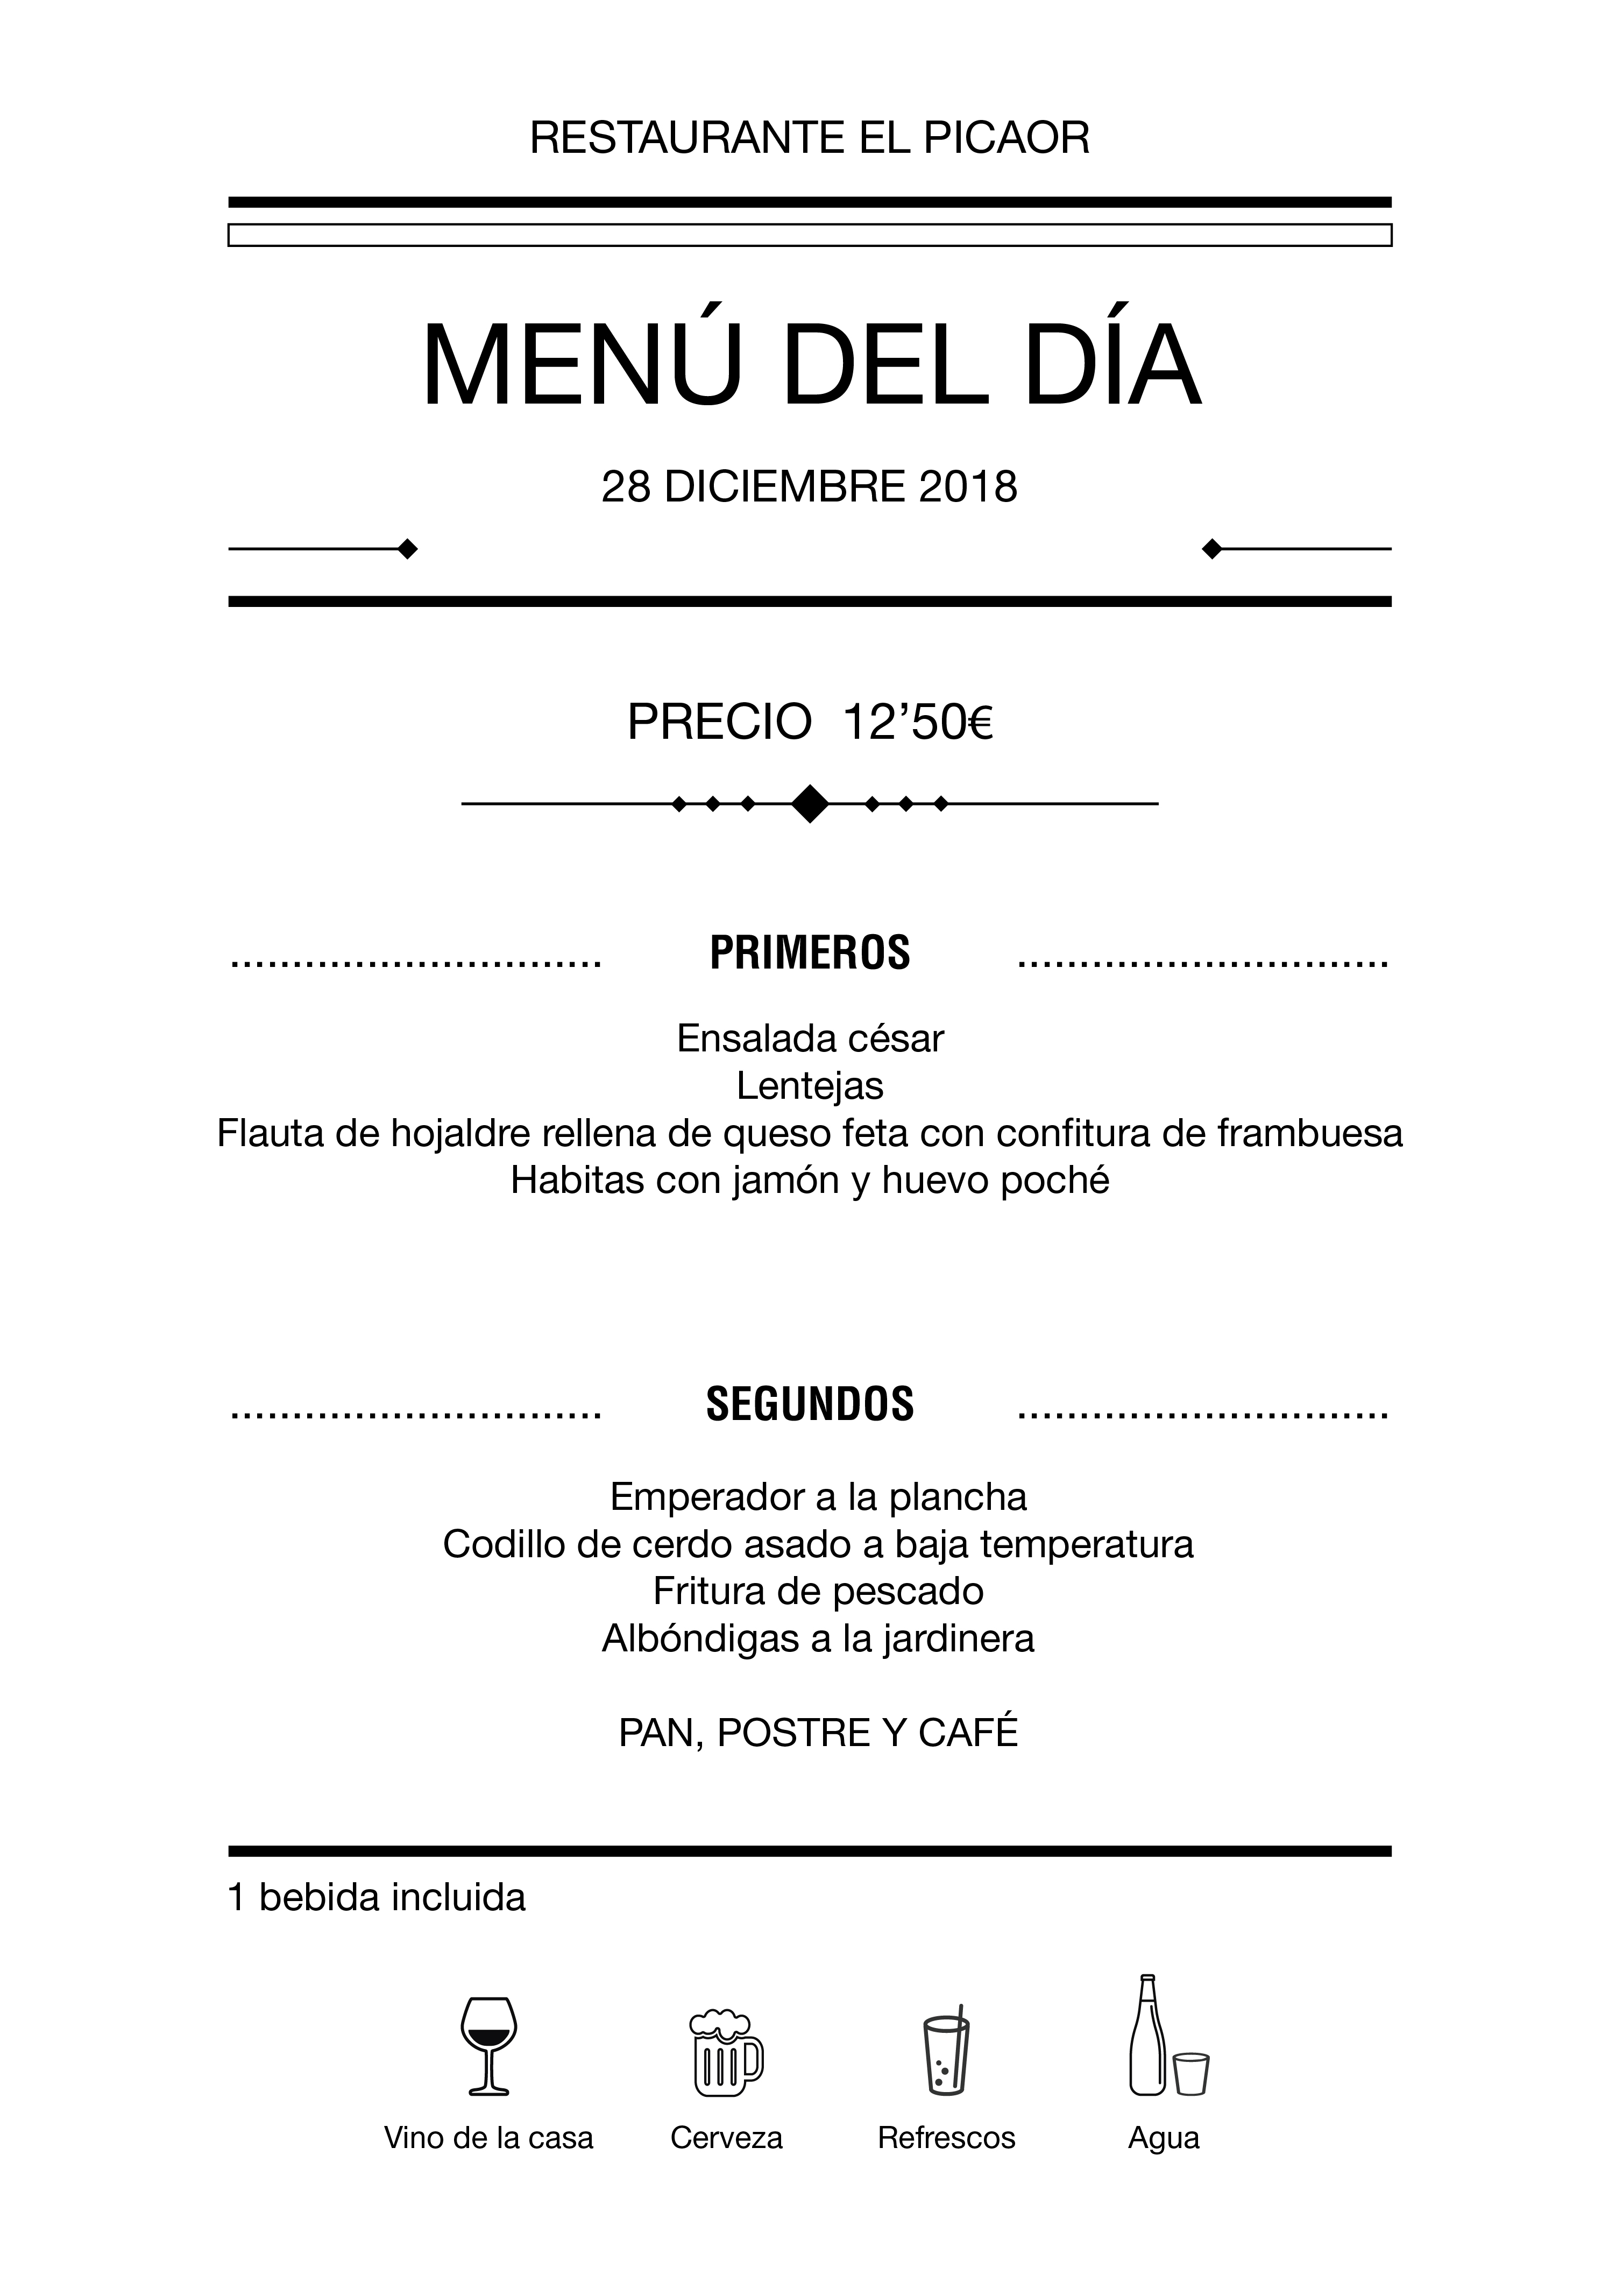 Menú diario El Picaor 28/12/18